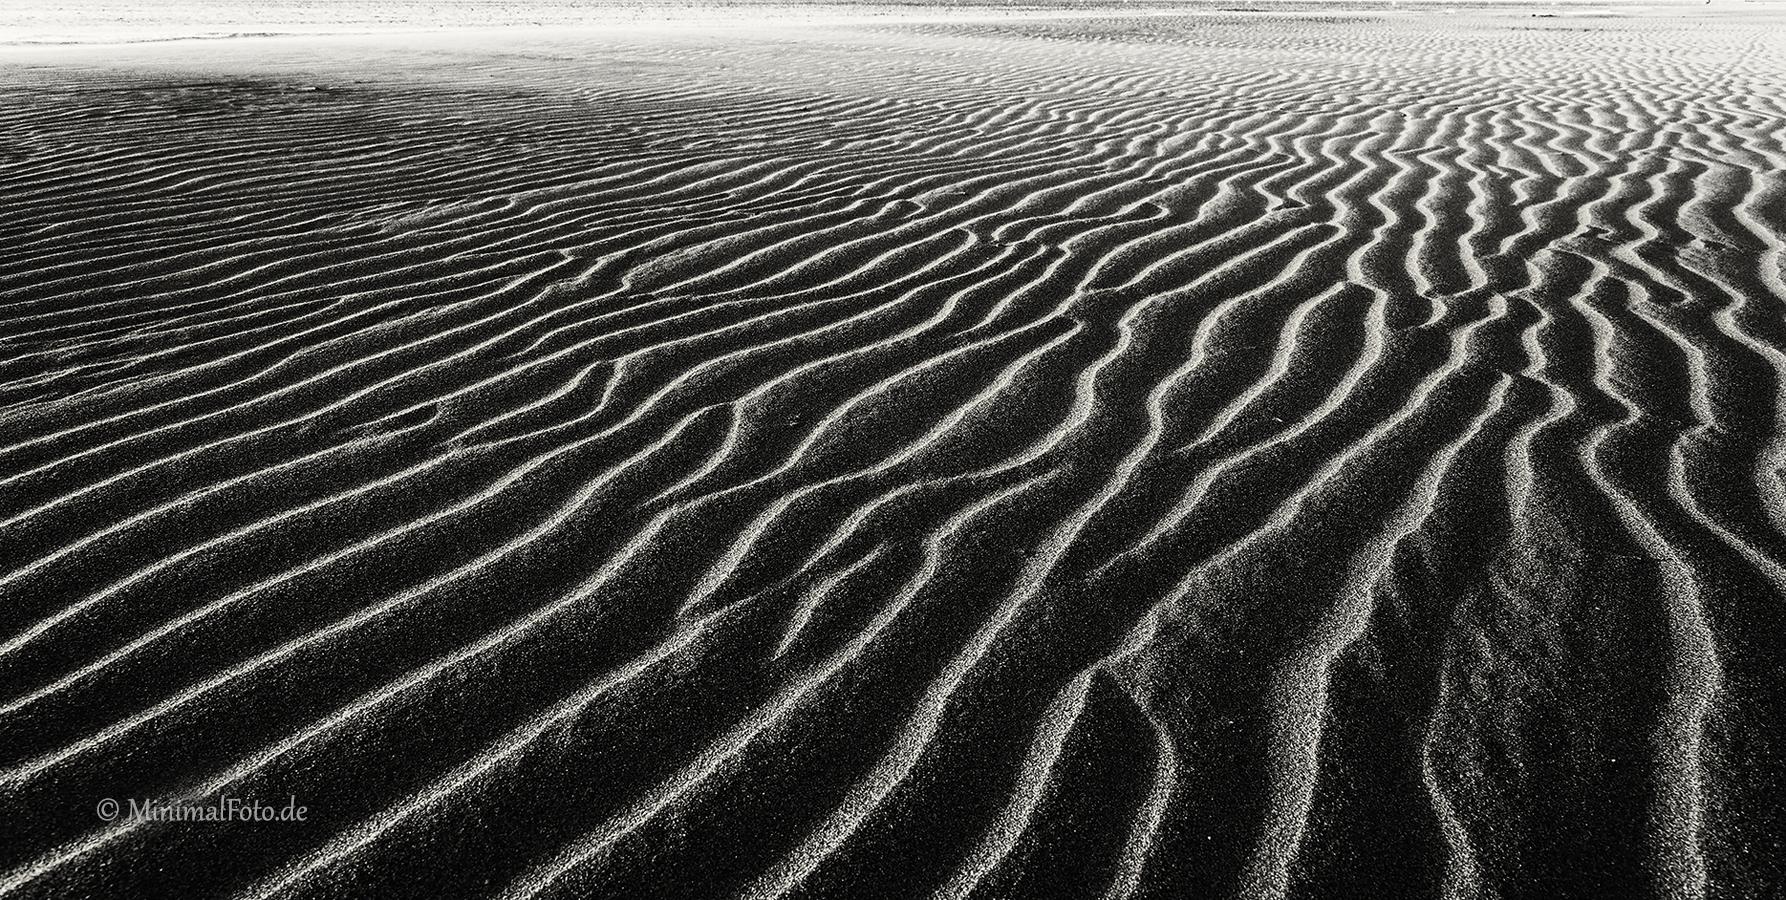 Sand-ripple-rippen-strukturen-kueste-coast-Landschaft-landscape-Minimalismus-minimalistisch-minimalistic-black-white-schwarz-weiss-Frankreich-DXO1I1081-sw